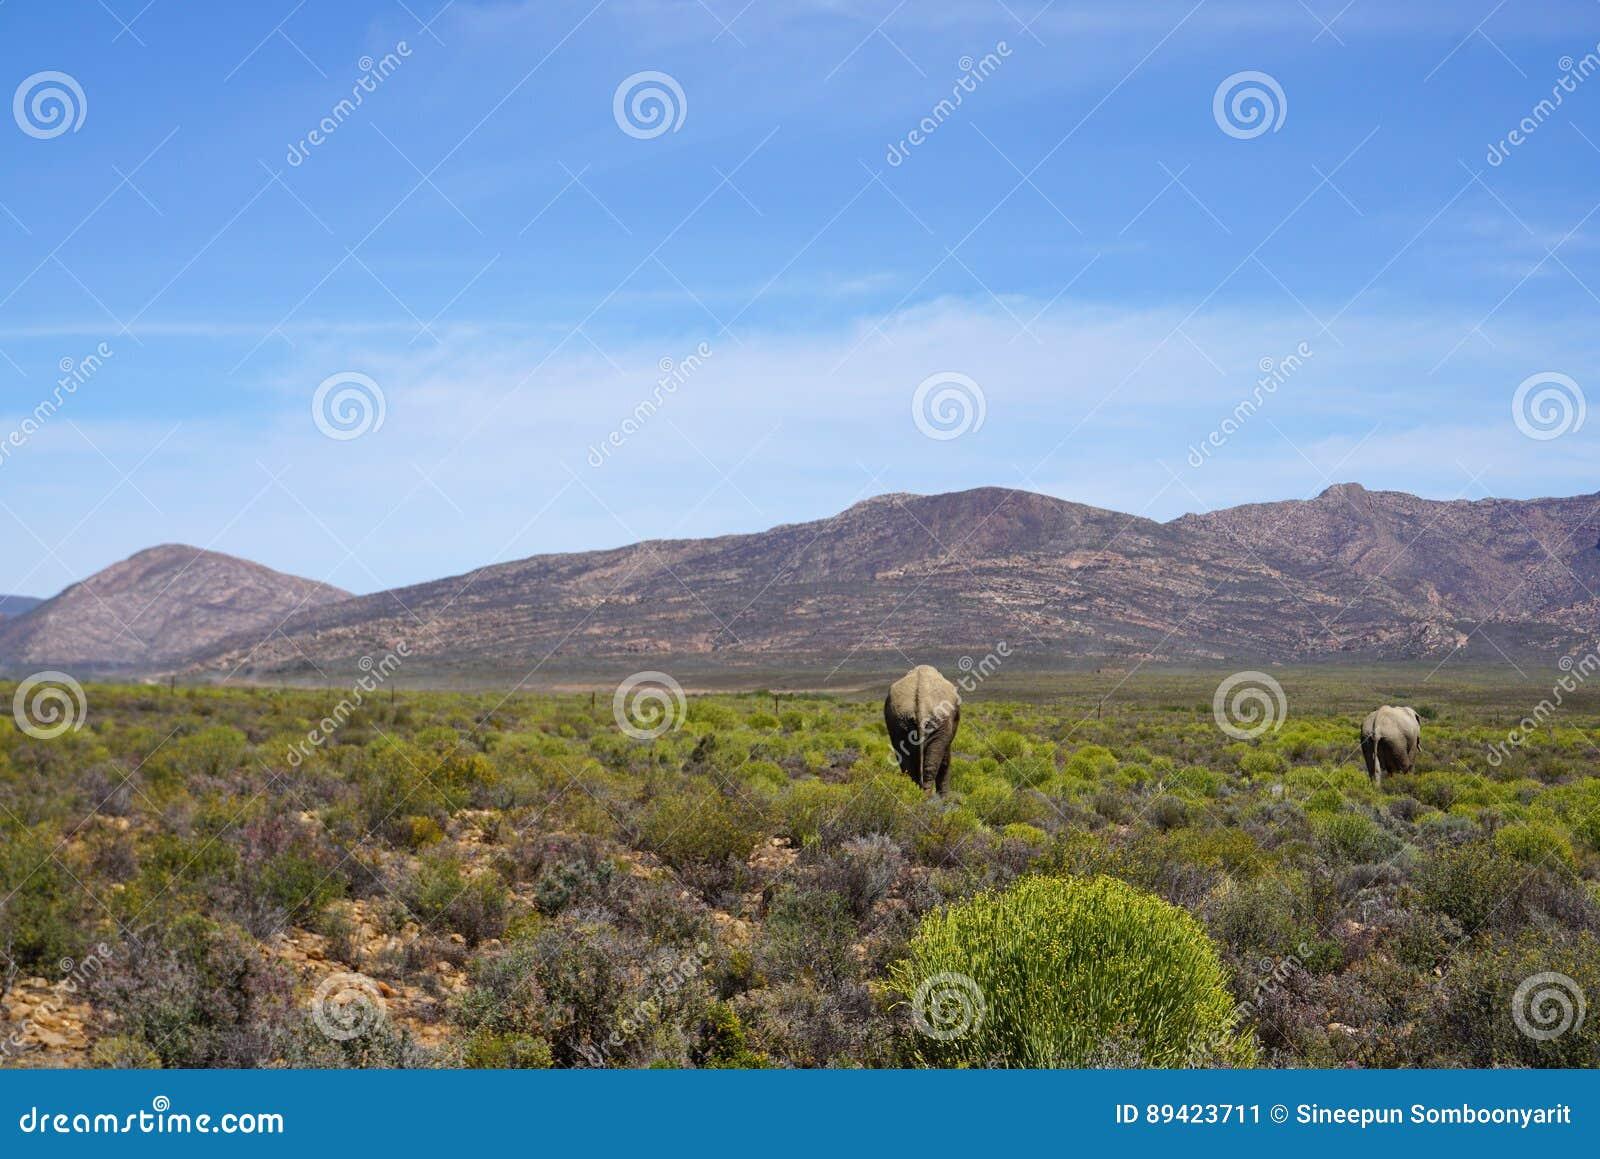 Elefantes africanos que andam no fundo do prado e da montanha